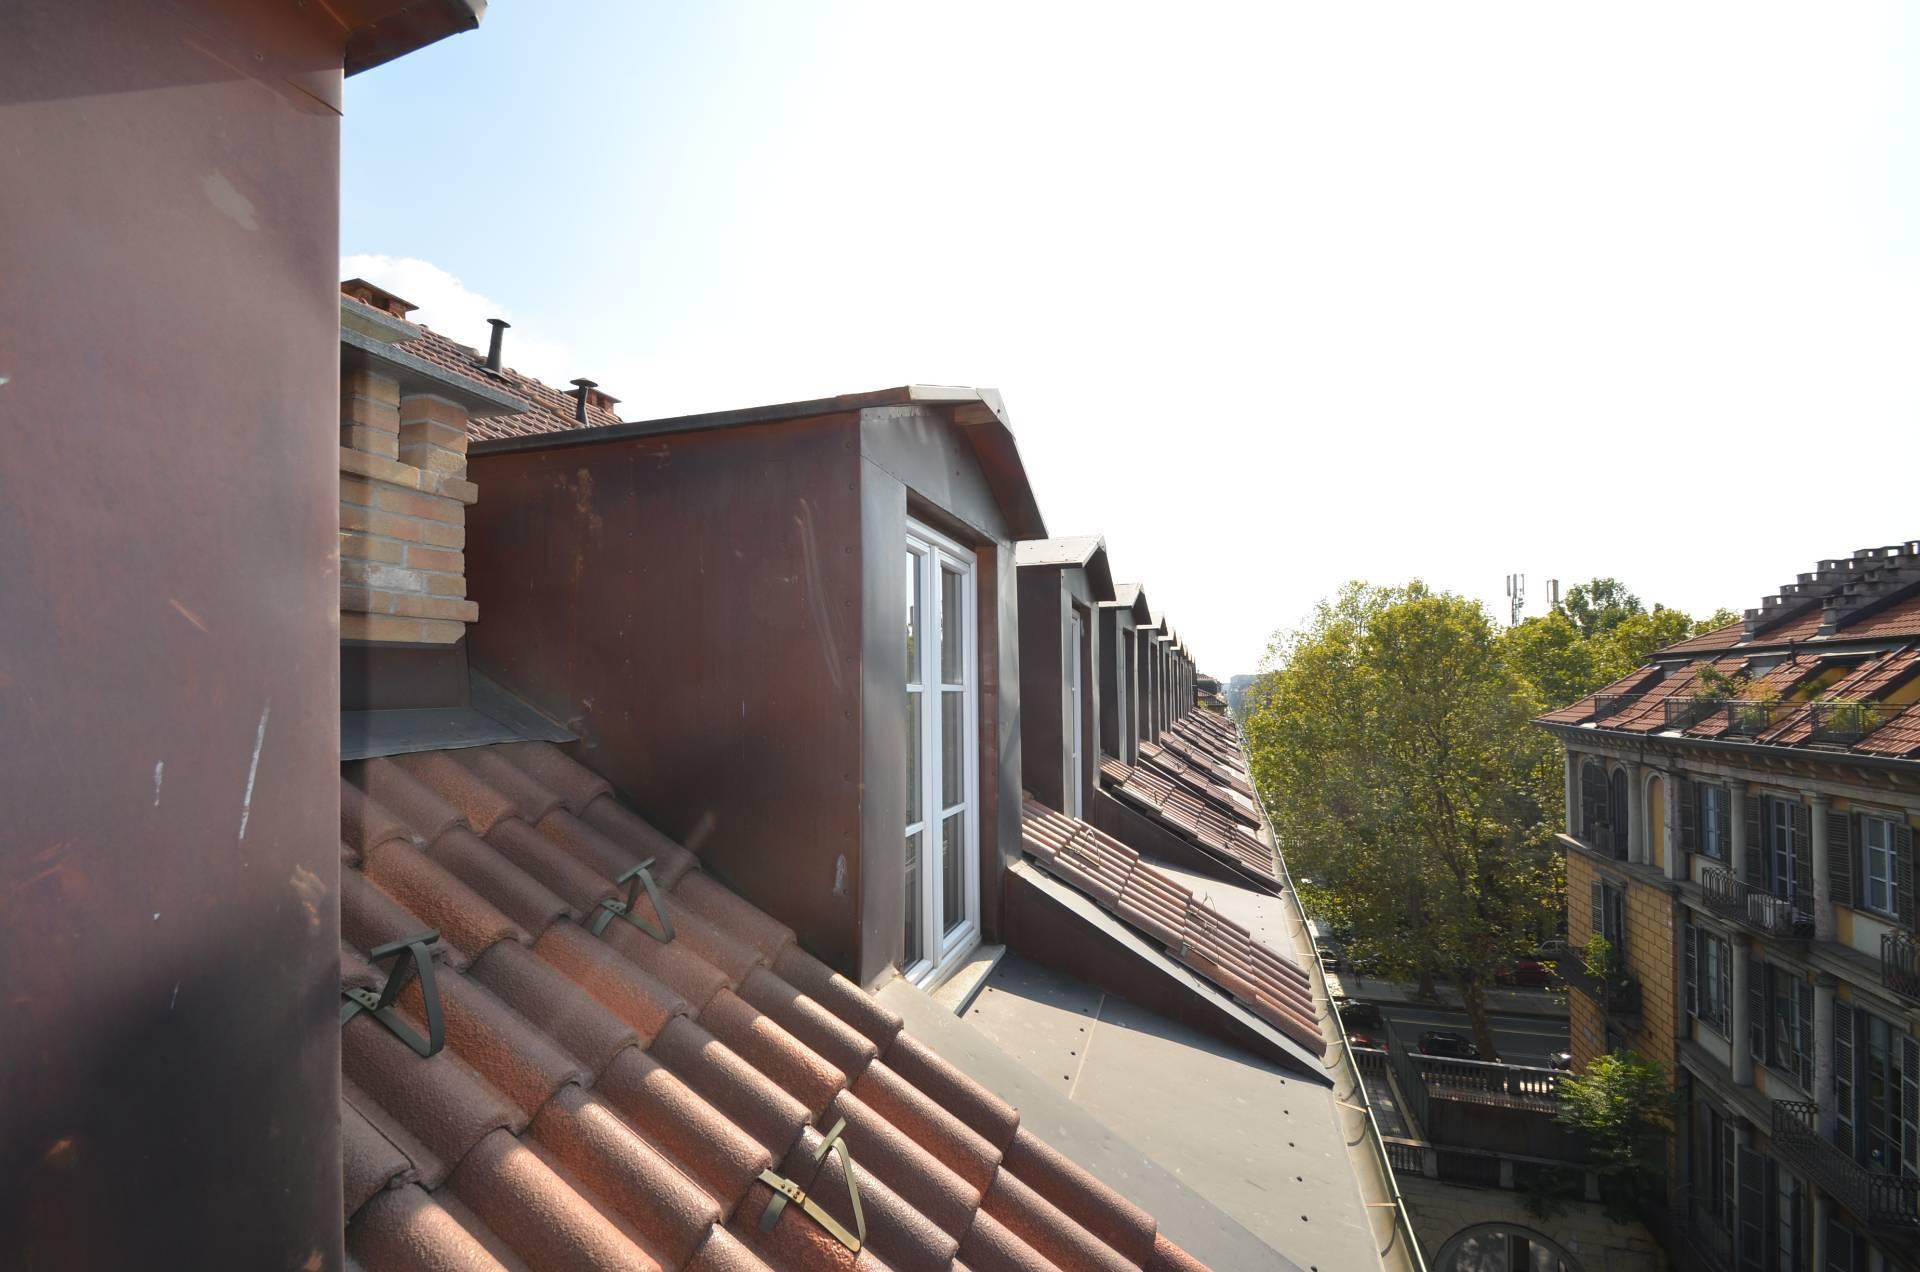 Appartamento in affitto a Torino, 6 locali, zona Località: Centro, prezzo € 1.850 | CambioCasa.it